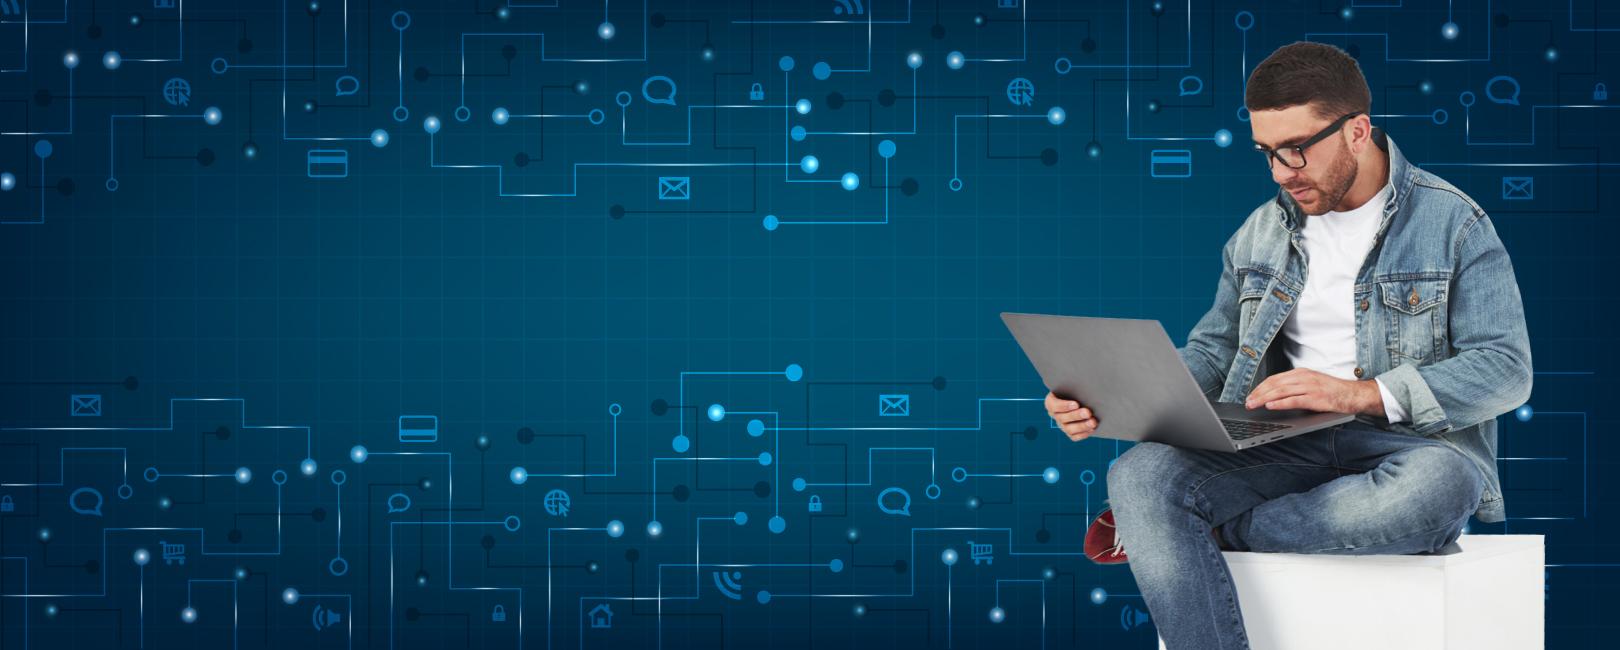 CDPL – Datos, máquinas y su influencia en nuestro comportamiento